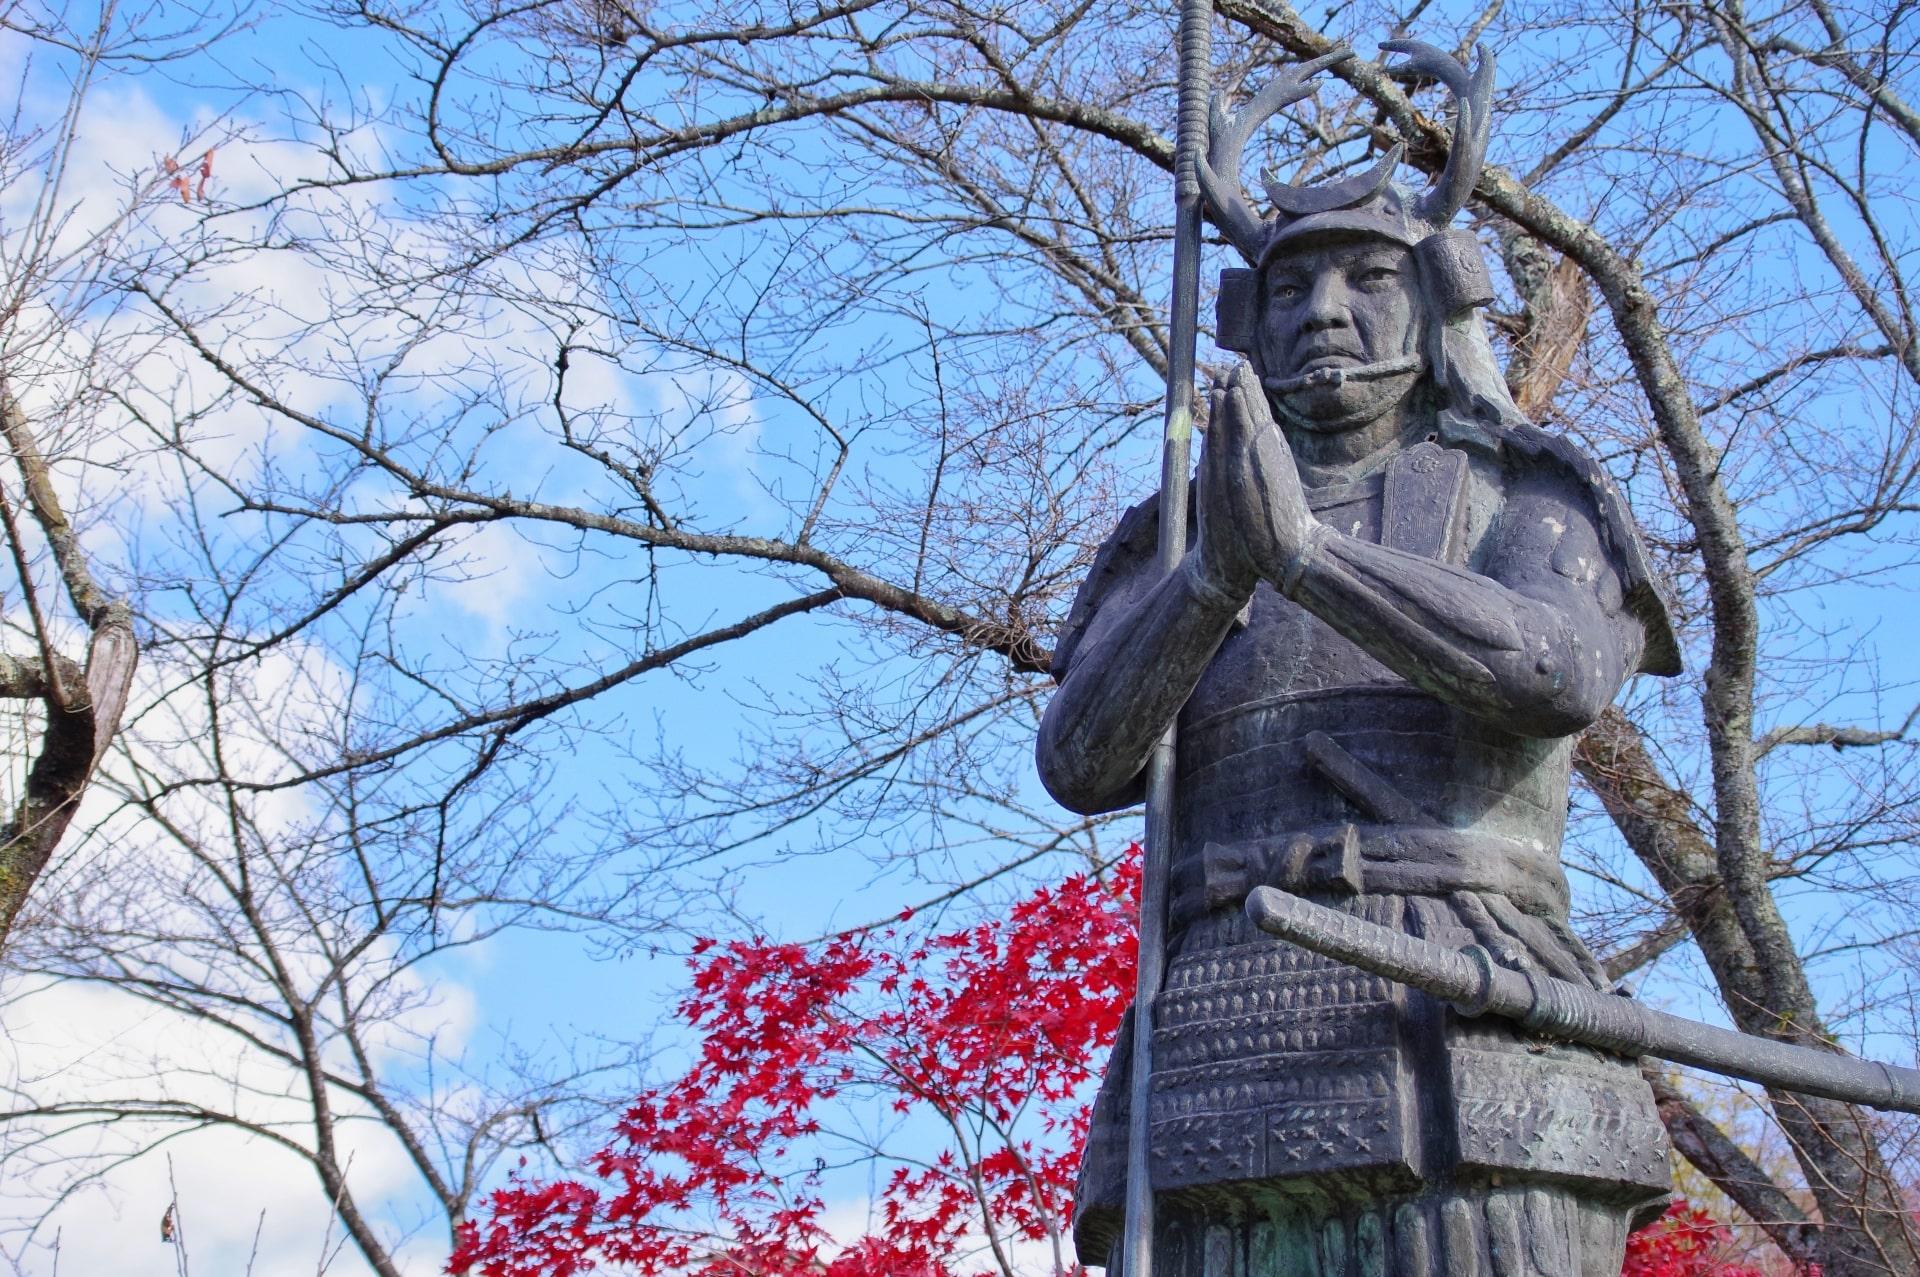 安来市の武将、尼子三傑の1人である山中幸盛またの名を山中鹿之助